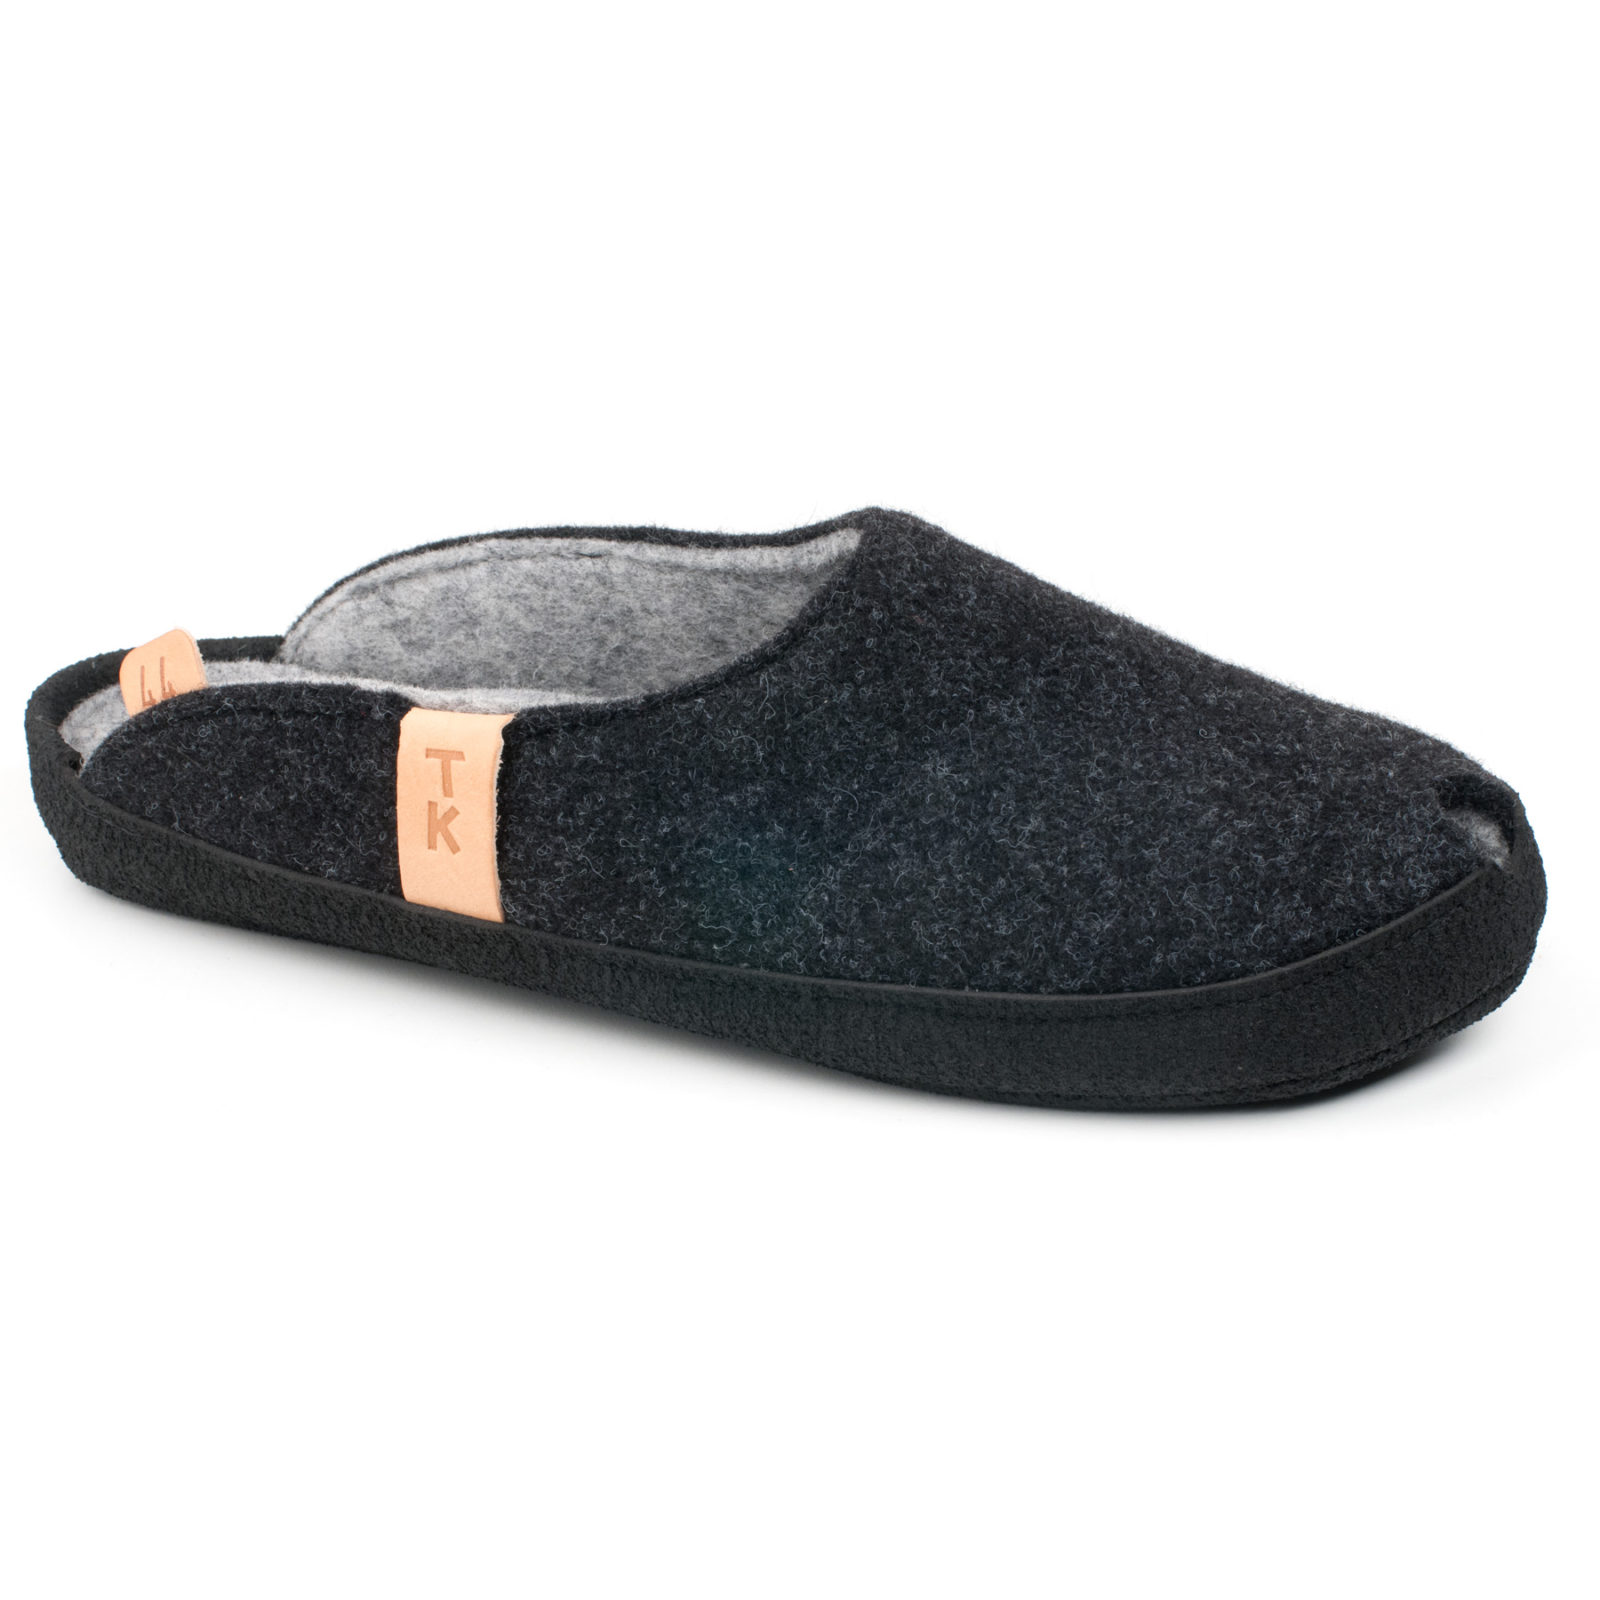 Toku-Brussels-indoor-slippers-v1